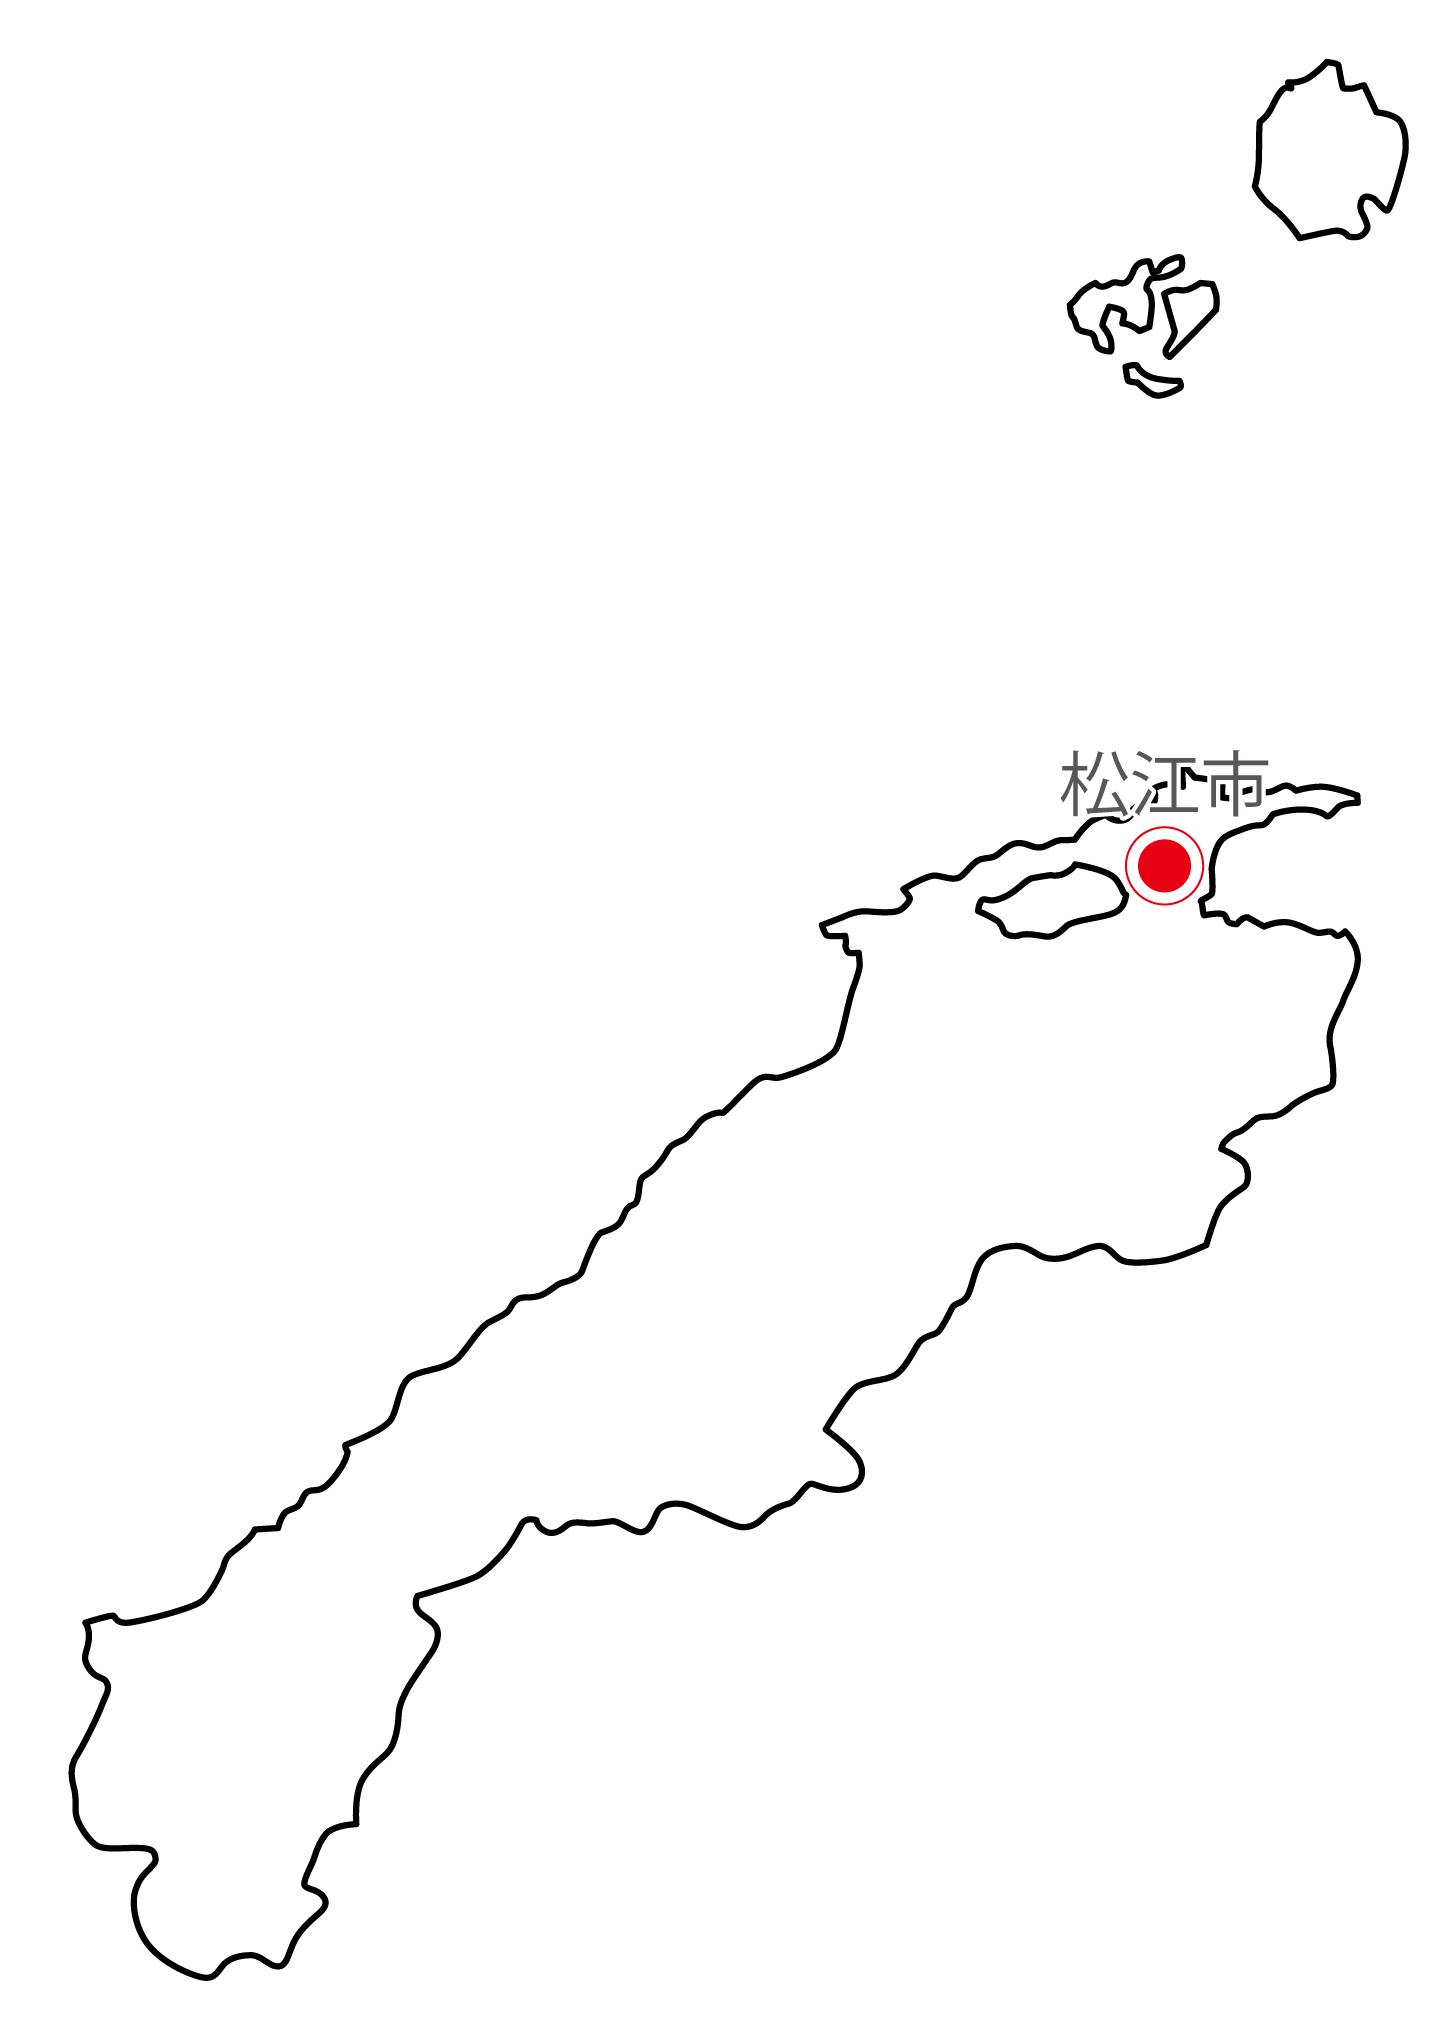 島根県無料フリーイラスト|日本語・県庁所在地あり(白)